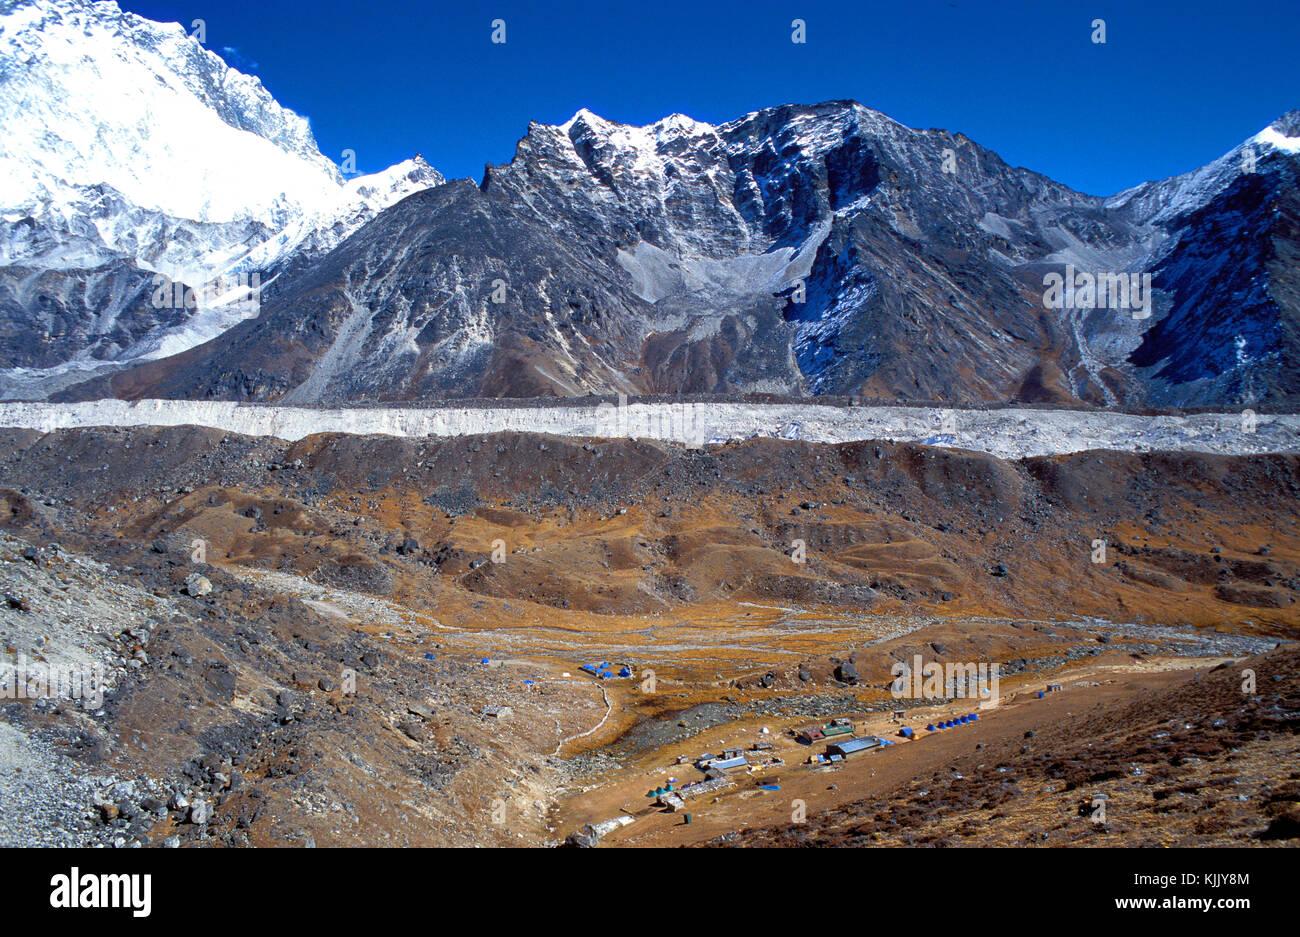 Trekking paths leading to Everest base camp. Lobuche village and Ngozumpa glacier. Solu Khumbu. Nepal. - Stock Image